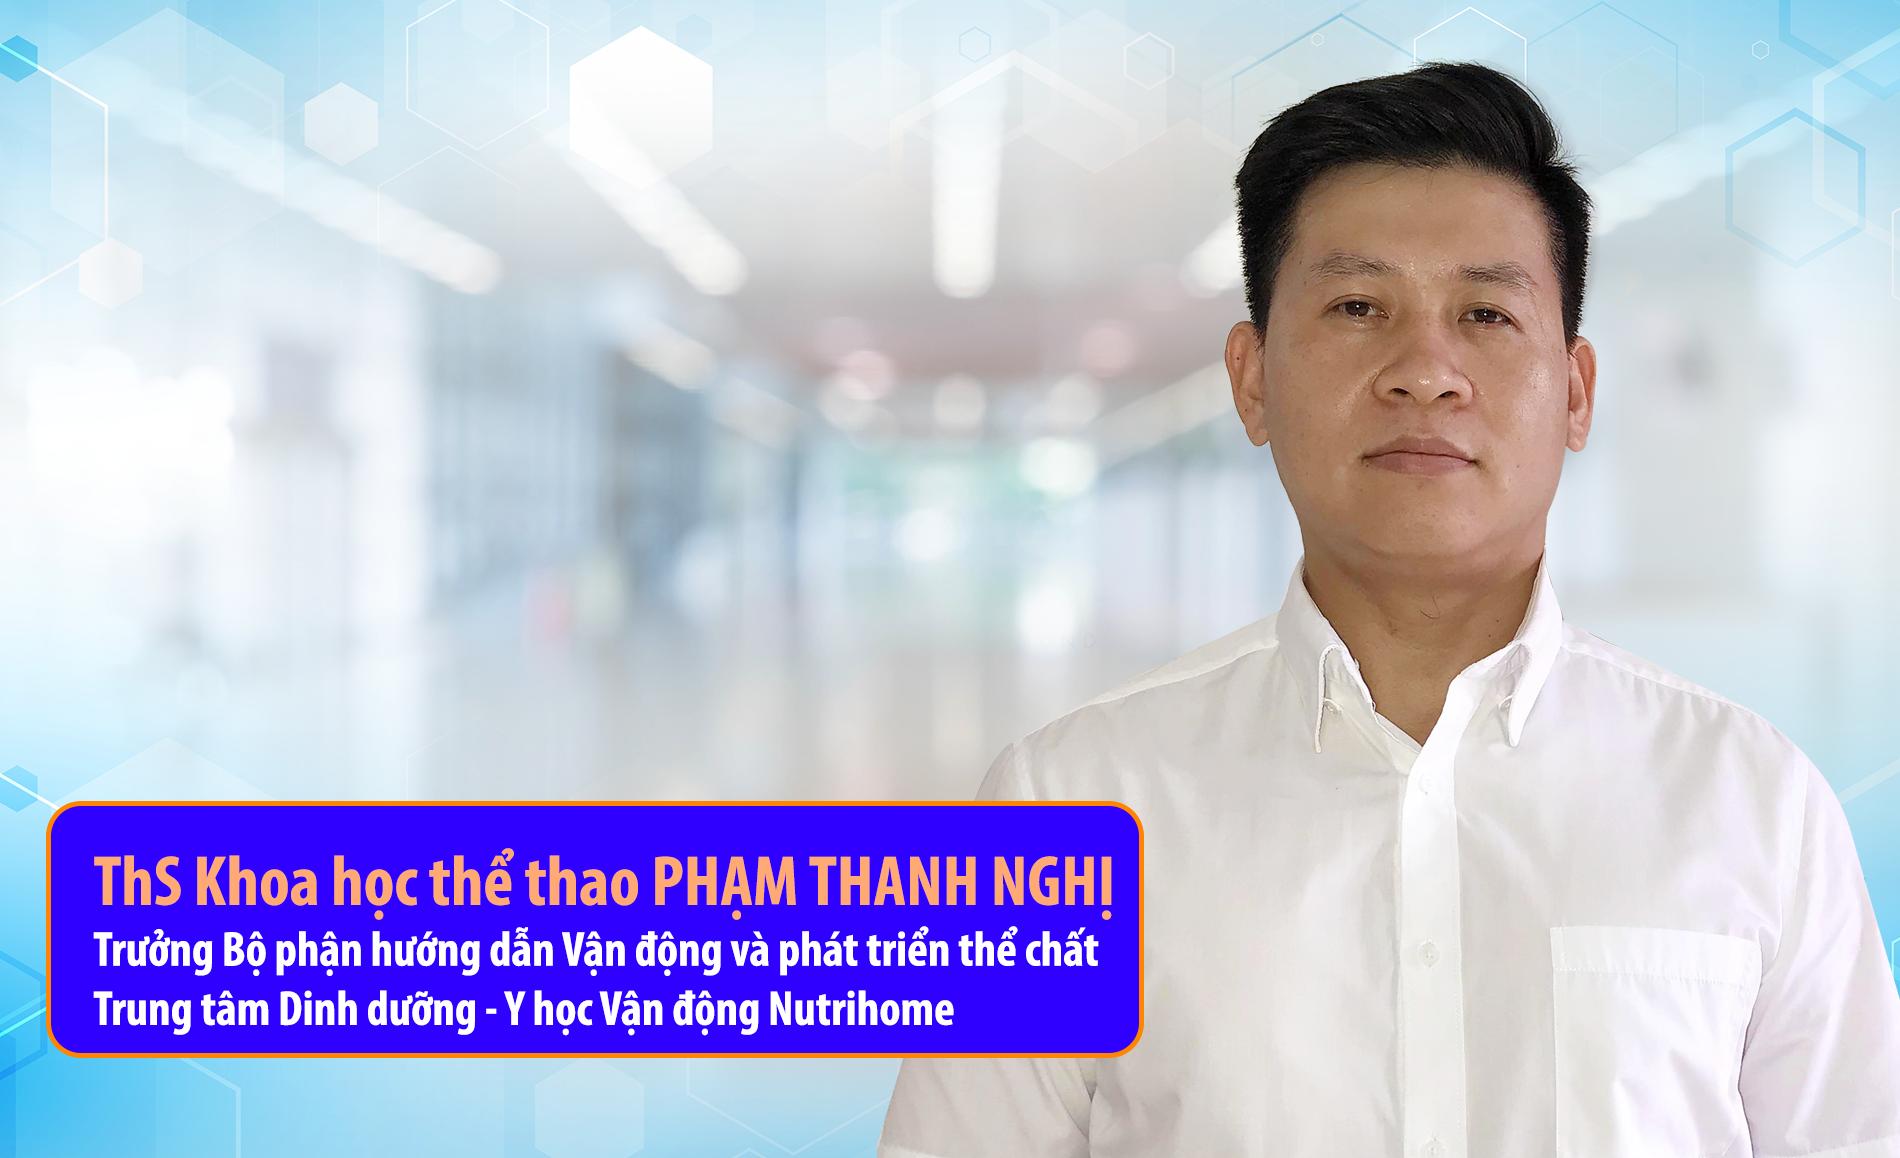 Thạc sĩ Khoa học thể thao Phạm Thanh Nghị